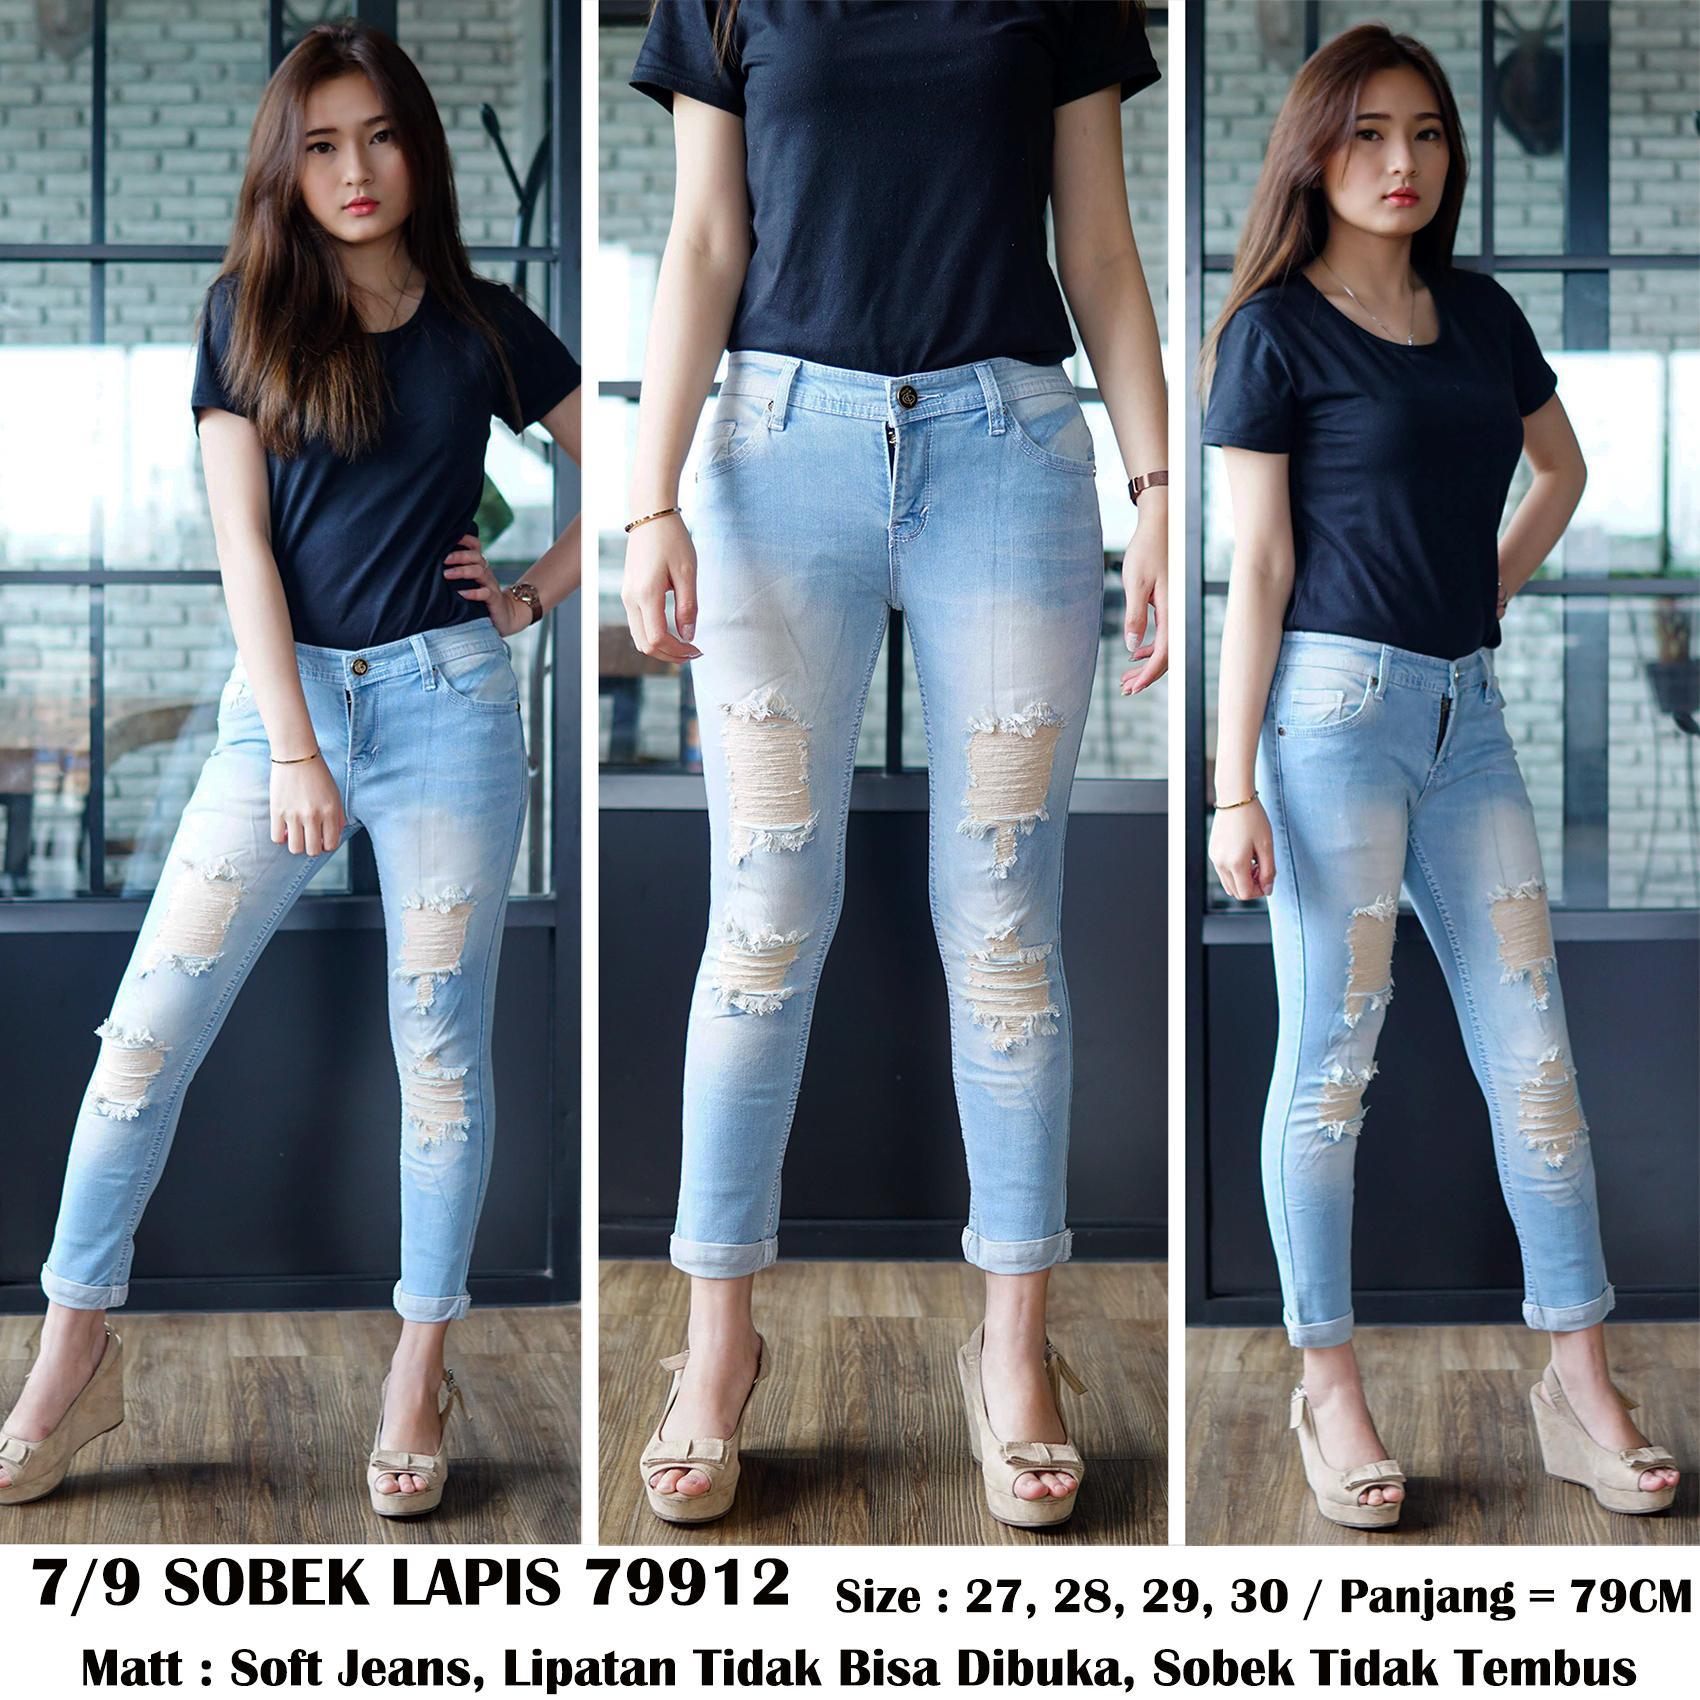 Detail Gambar Rumah Jeans Celana Jeans Ripped Wanita 7per9 Jeans Sobek Lapis Jeans Sobek Cewek Terbaru